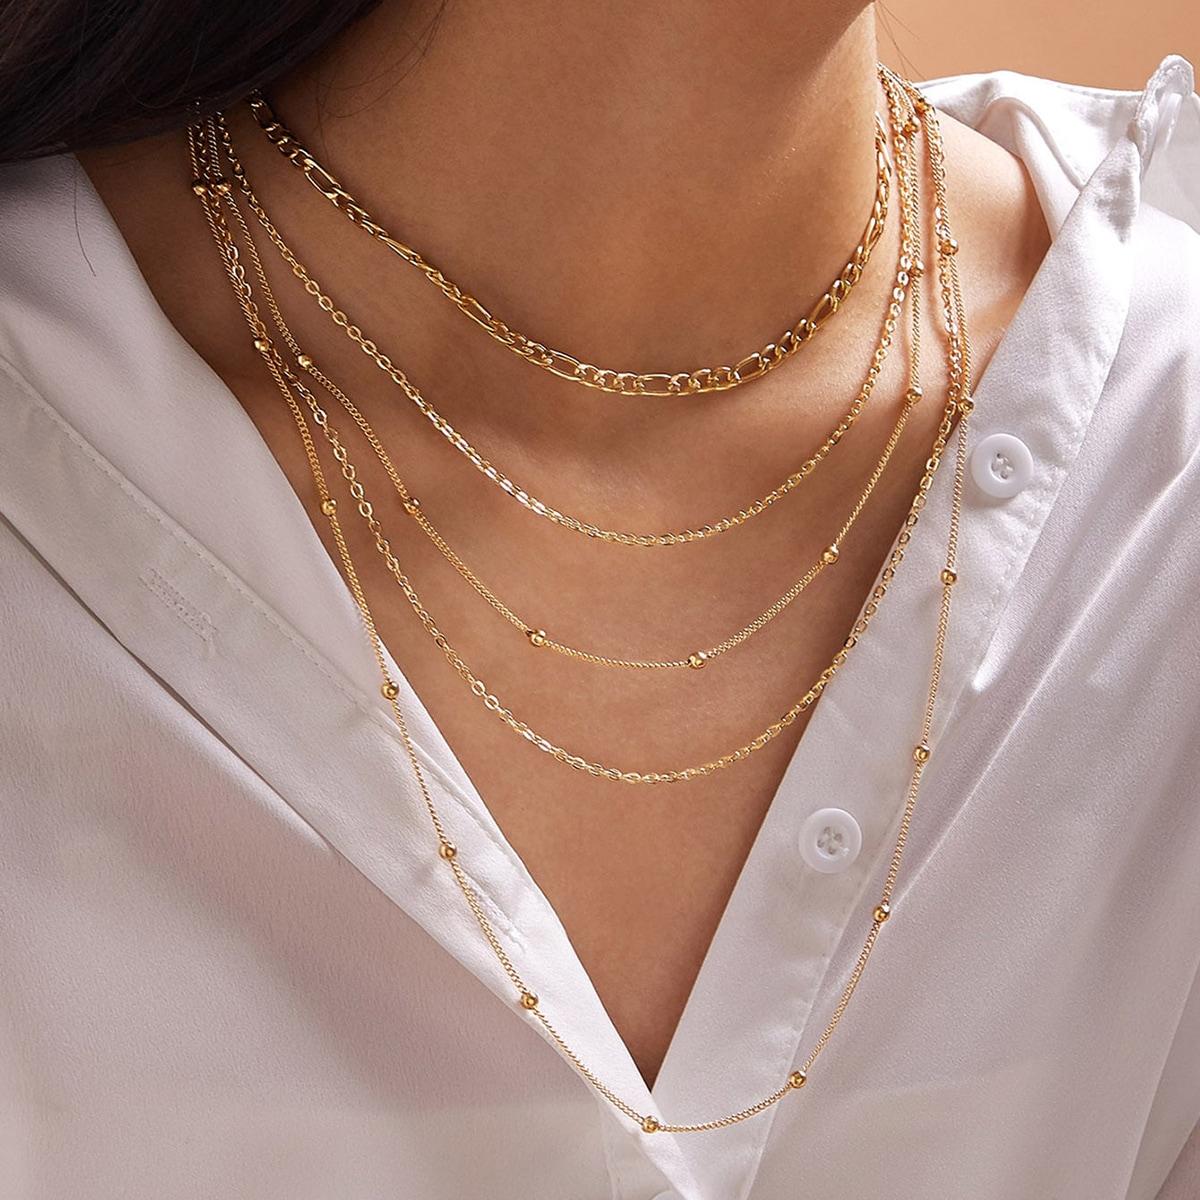 Многослойное ожерелье с бусами 1шт от SHEIN